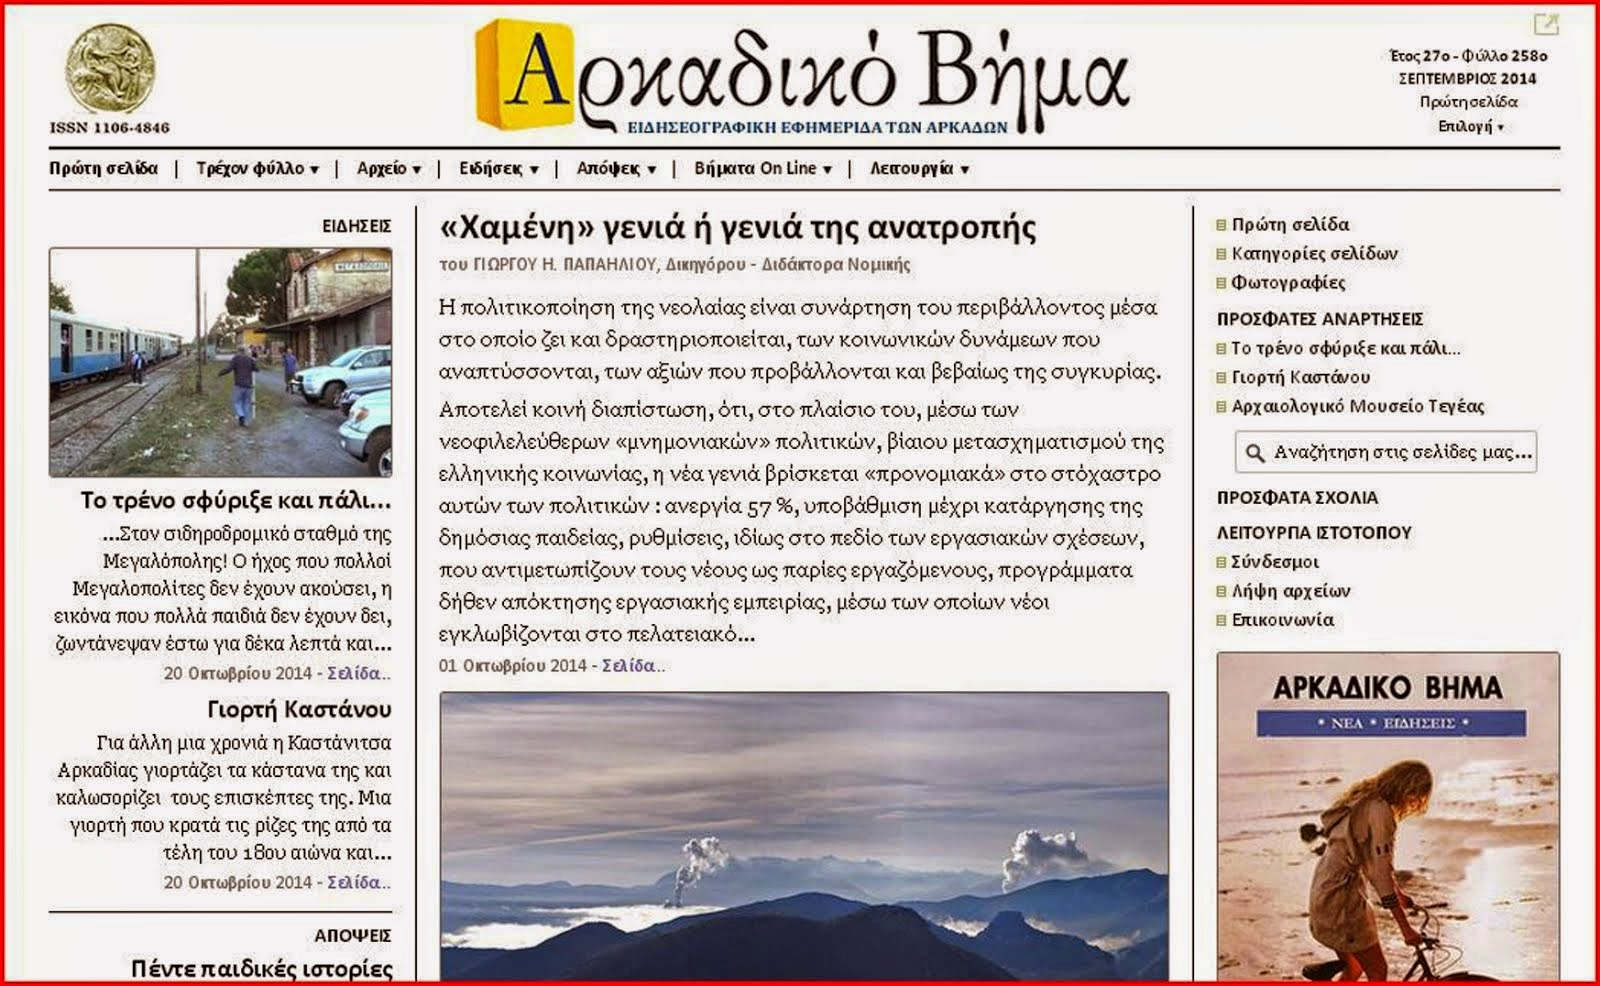 """Η νέα Ιστοσελίδα της εφημερίδας """"Αρκαδικό Βήμα"""""""